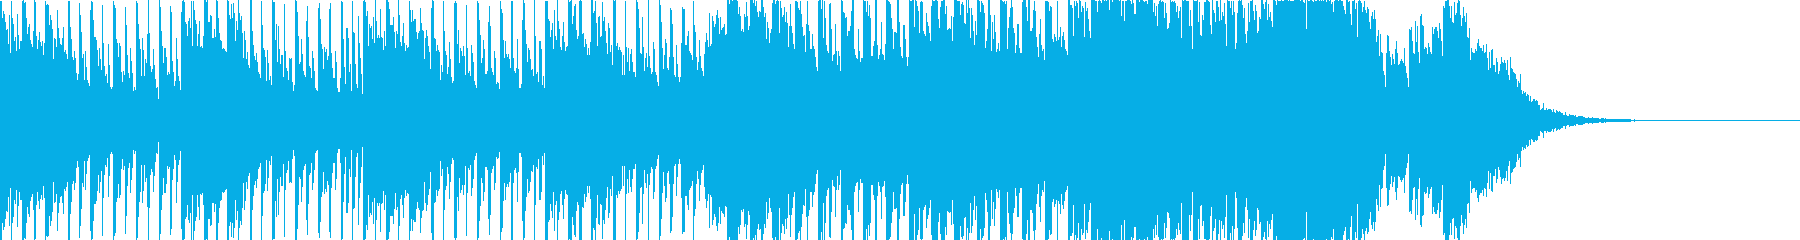 短めのハードダンスのジングルの再生済みの波形